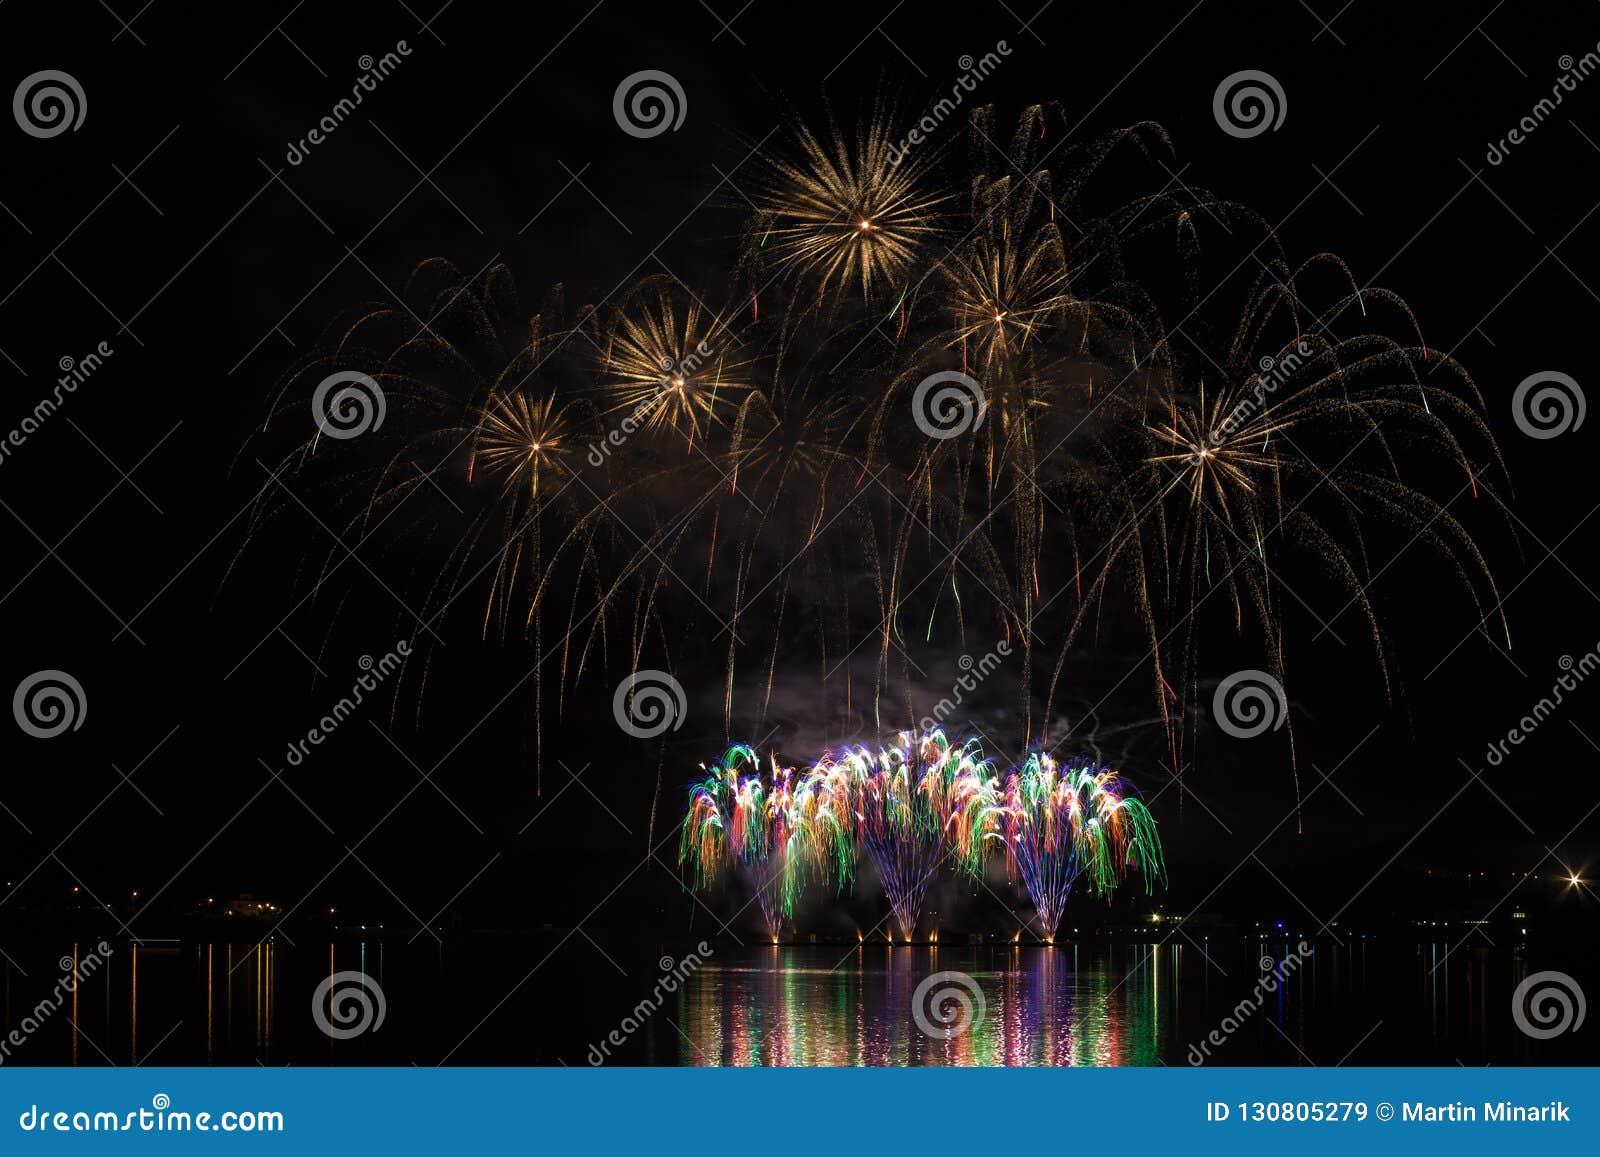 Rijk en kleurrijk vuurwerk over oppervlakte van Brno Dam met meerbezinning